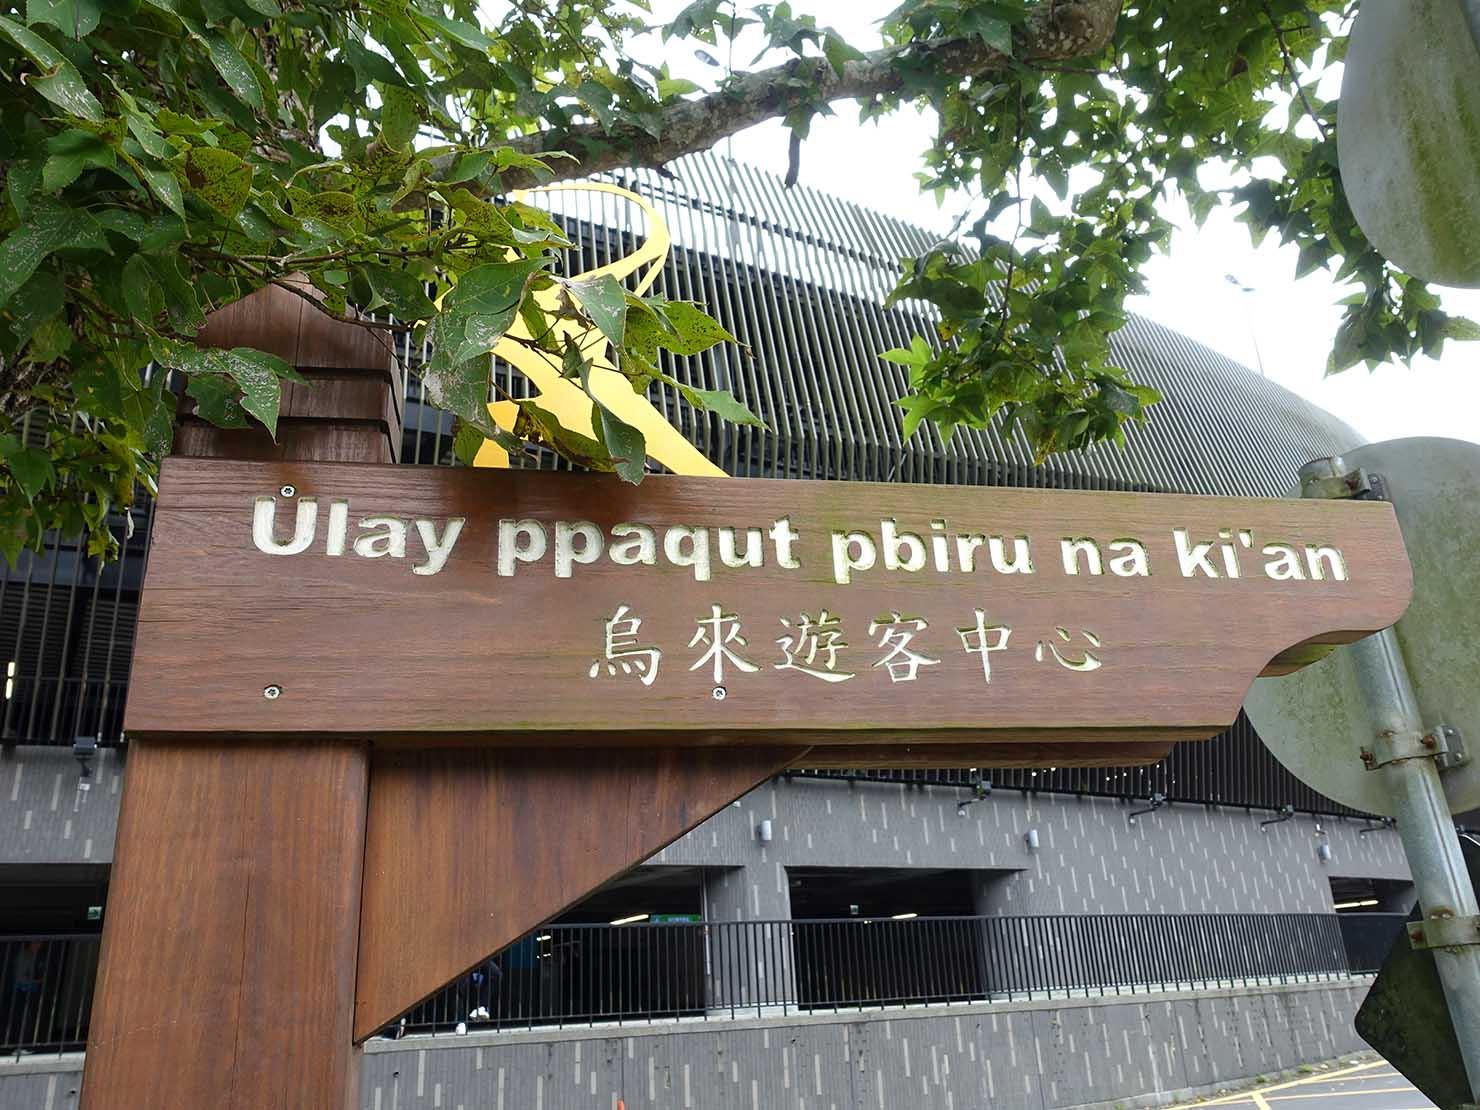 台北・烏來温泉の道しるべに書かれたタイヤル語